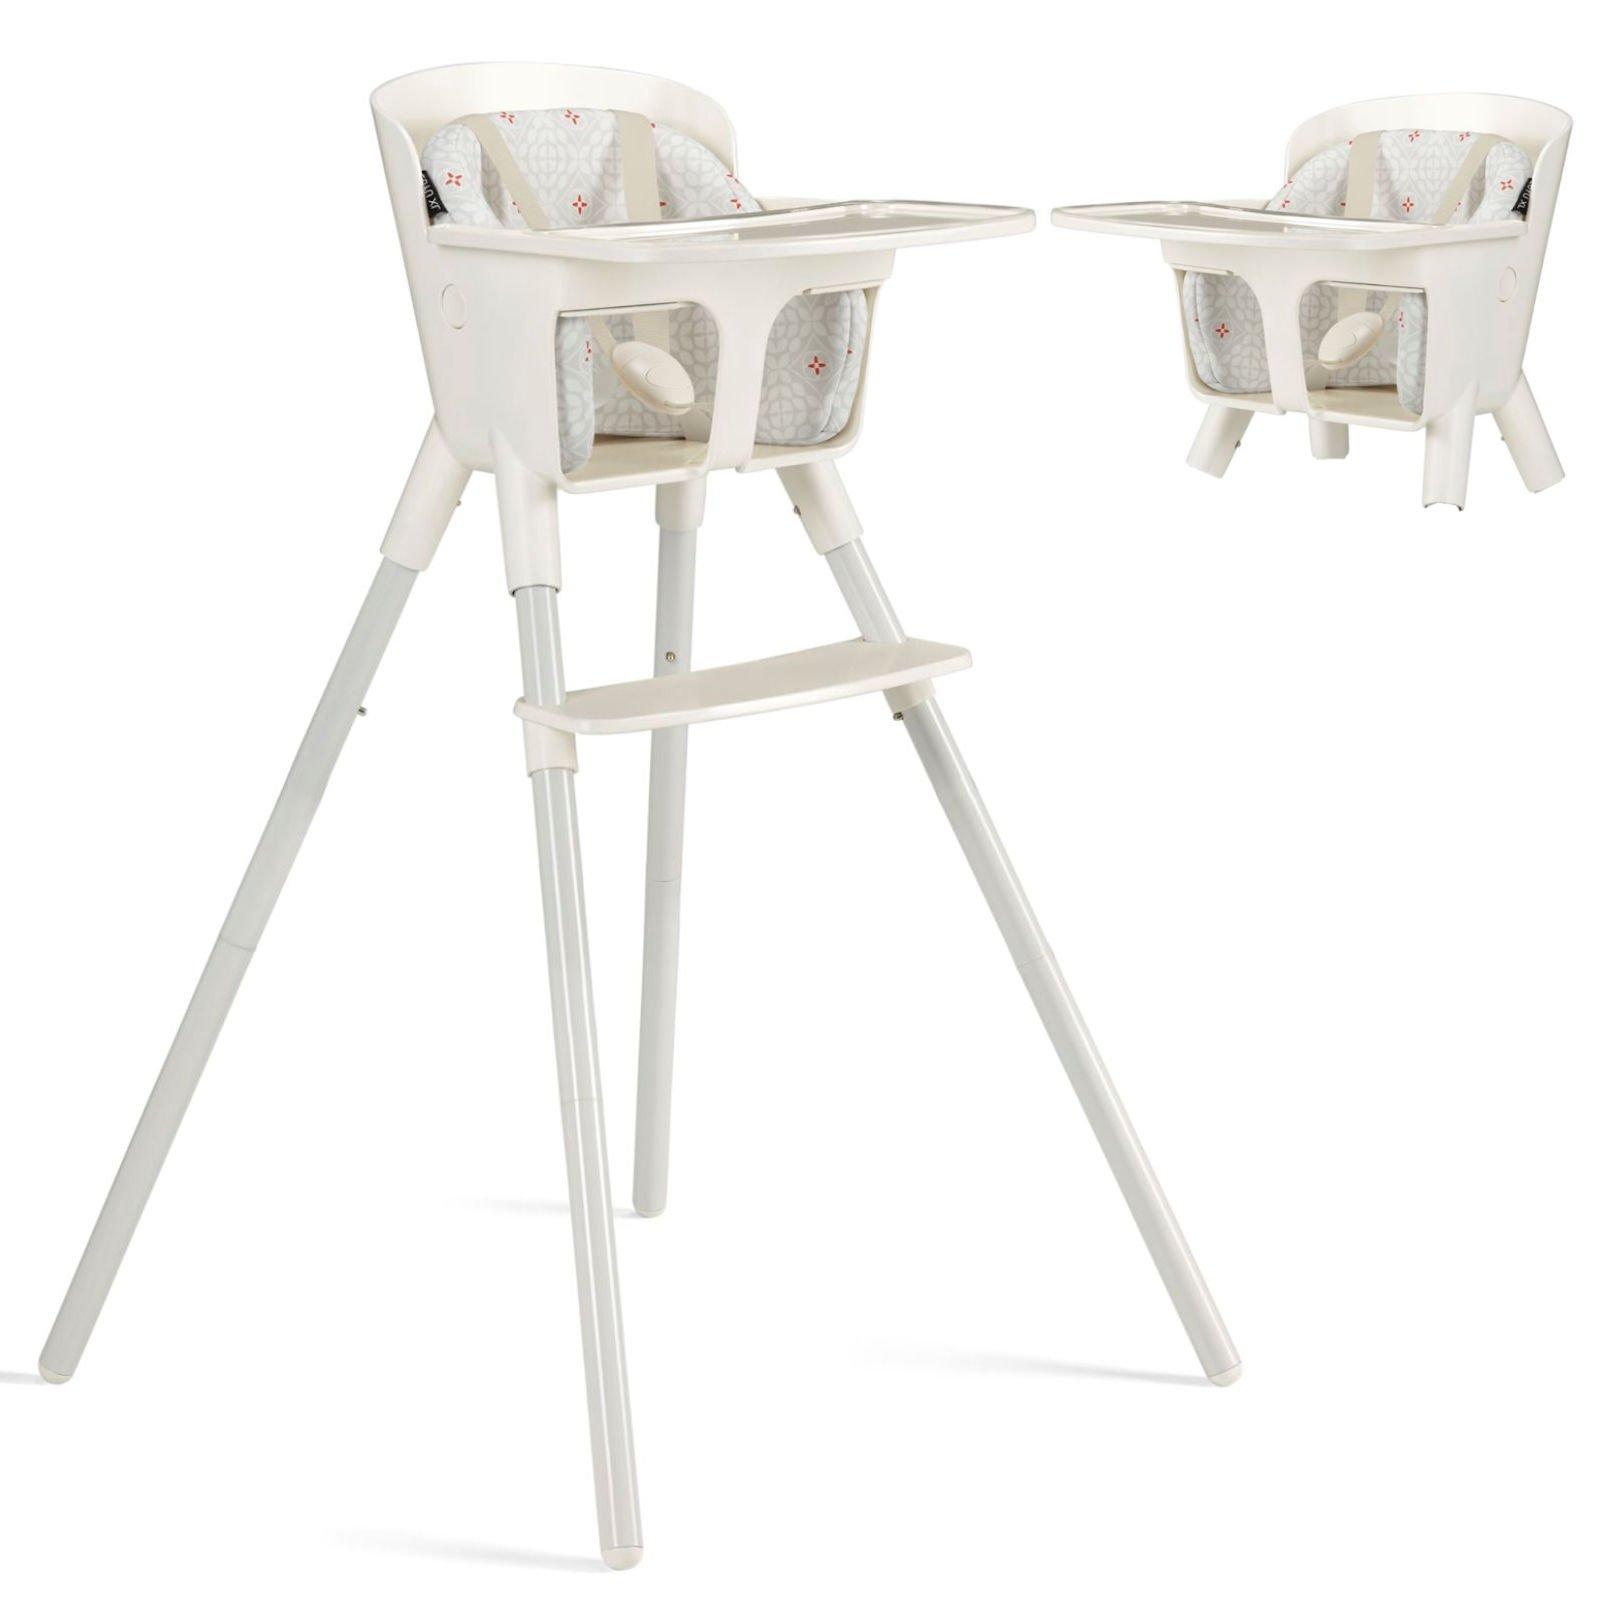 Cybex CBX Luyu XL Snowy white 2in1 Barošanas krēsliņš